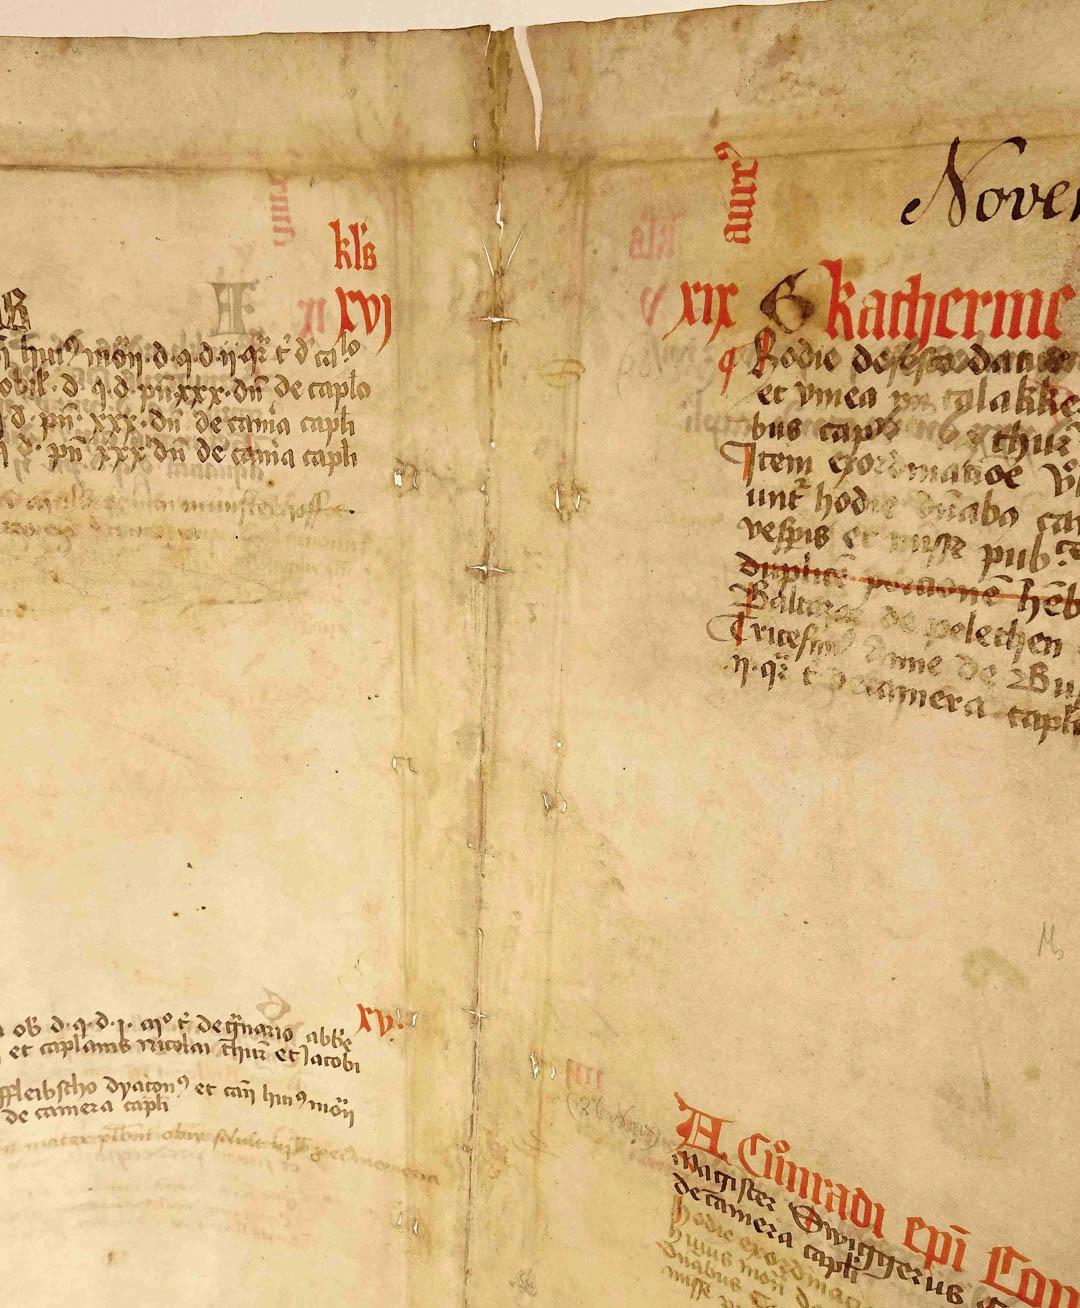 Links und rechts der Lagenmitte sieht man jeweils zwei kleine Schnitte dicht nebeneinander. Durch diese wurden die Pergamentriemchen gezogen, um den Buchblock mit der Buchdecke zu verbinden. Auch der ehemalige Einschlag oben ist deutlich sichtbar.